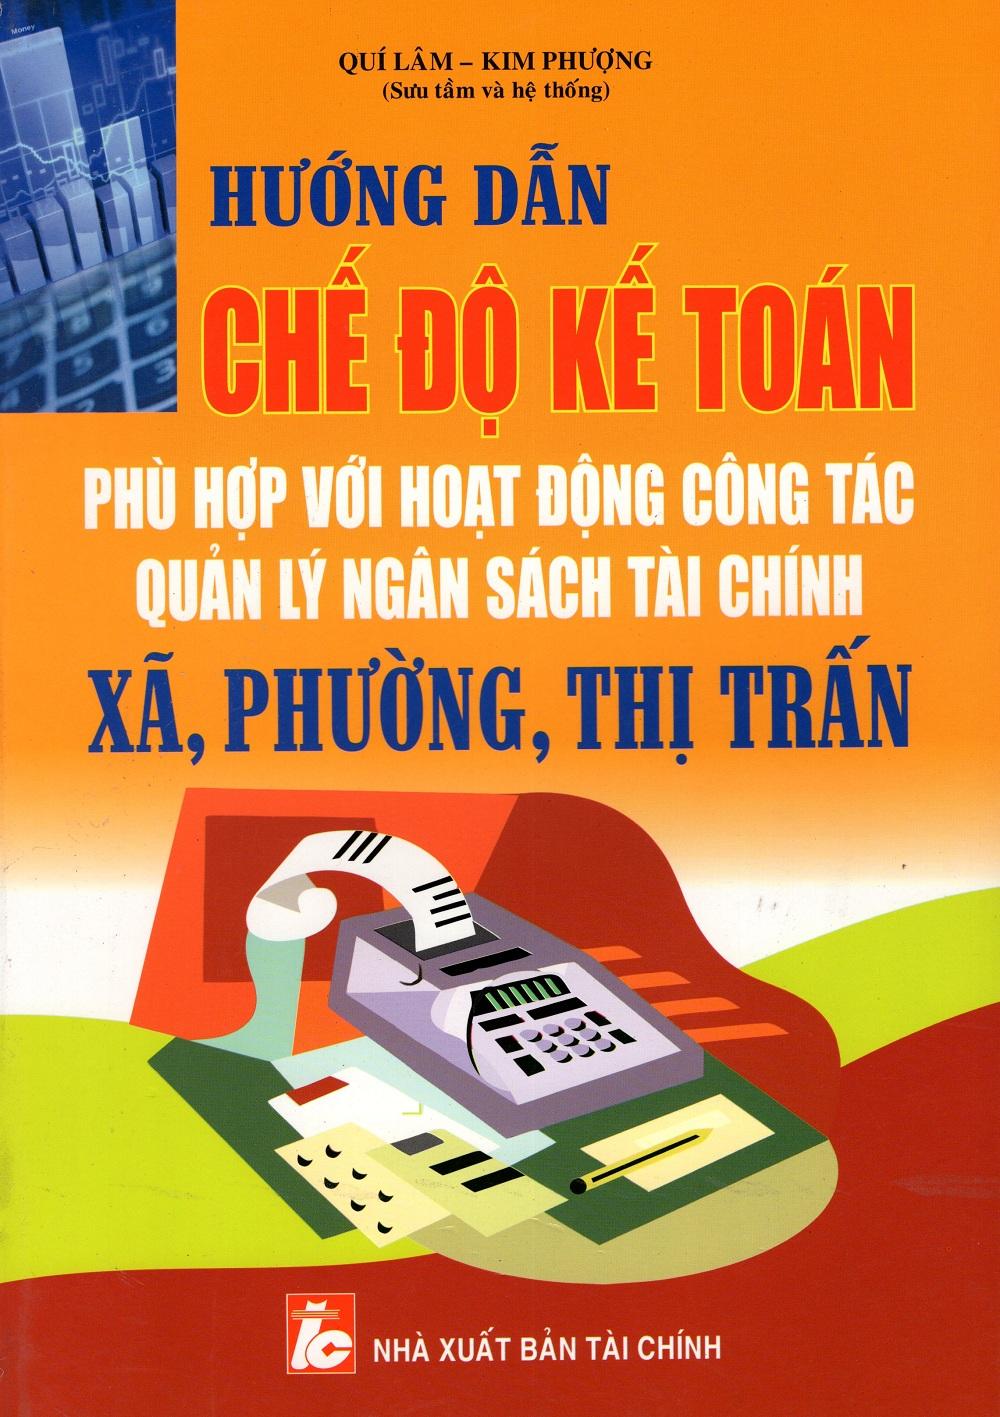 Hướng Dẫn Chế Độ Kế Toán Phù Hợp Với Hoạt Động Công Tác Quản Lý Ngân Sách Tài Chính Xã, Phường, Thị Trấn - 3109971023524,62_251074,335000,tiki.vn,Huong-Dan-Che-Do-Ke-Toan-Phu-Hop-Voi-Hoat-Dong-Cong-Tac-Quan-Ly-Ngan-Sach-Tai-Chinh-Xa-Phuong-Thi-Tran-62_251074,Hướng Dẫn Chế Độ Kế Toán Phù Hợp Với Hoạt Động Công Tác Quản Lý Ngân Sách Tài Chính Xã, Phường, Th